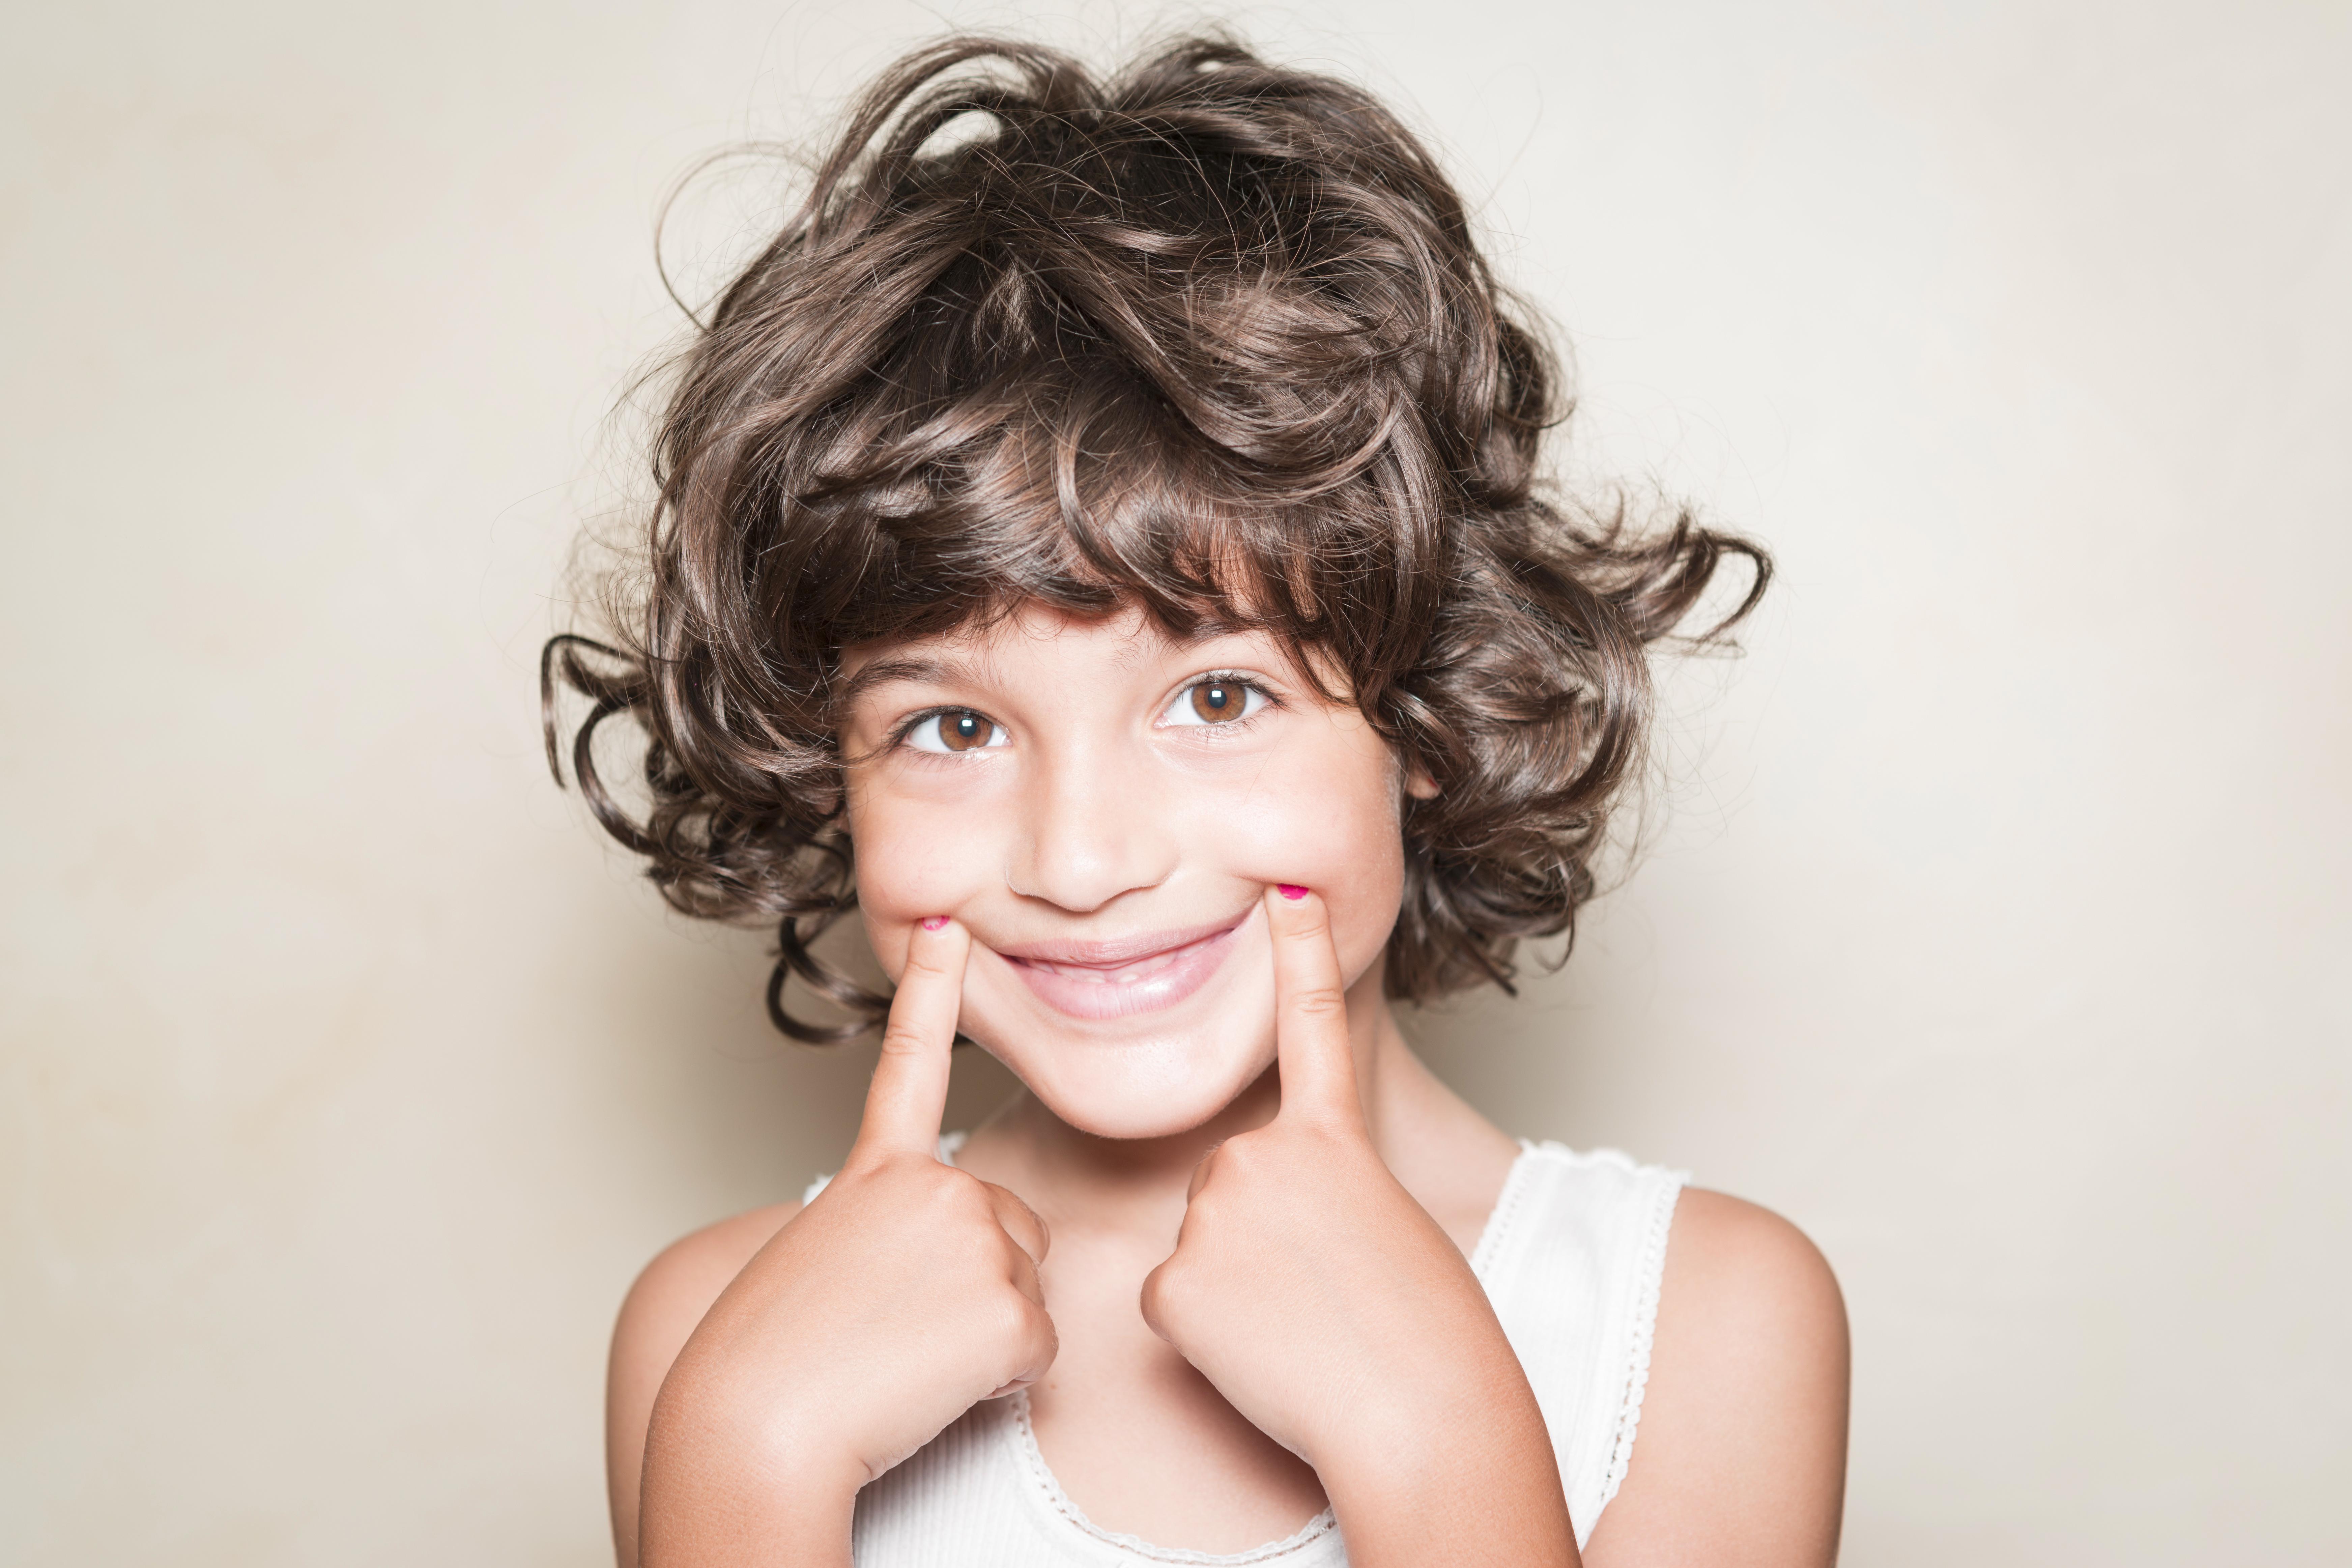 Cerchi uno specialista in odontoiatria infantile affidabile e attento, per i tuoi bambini?